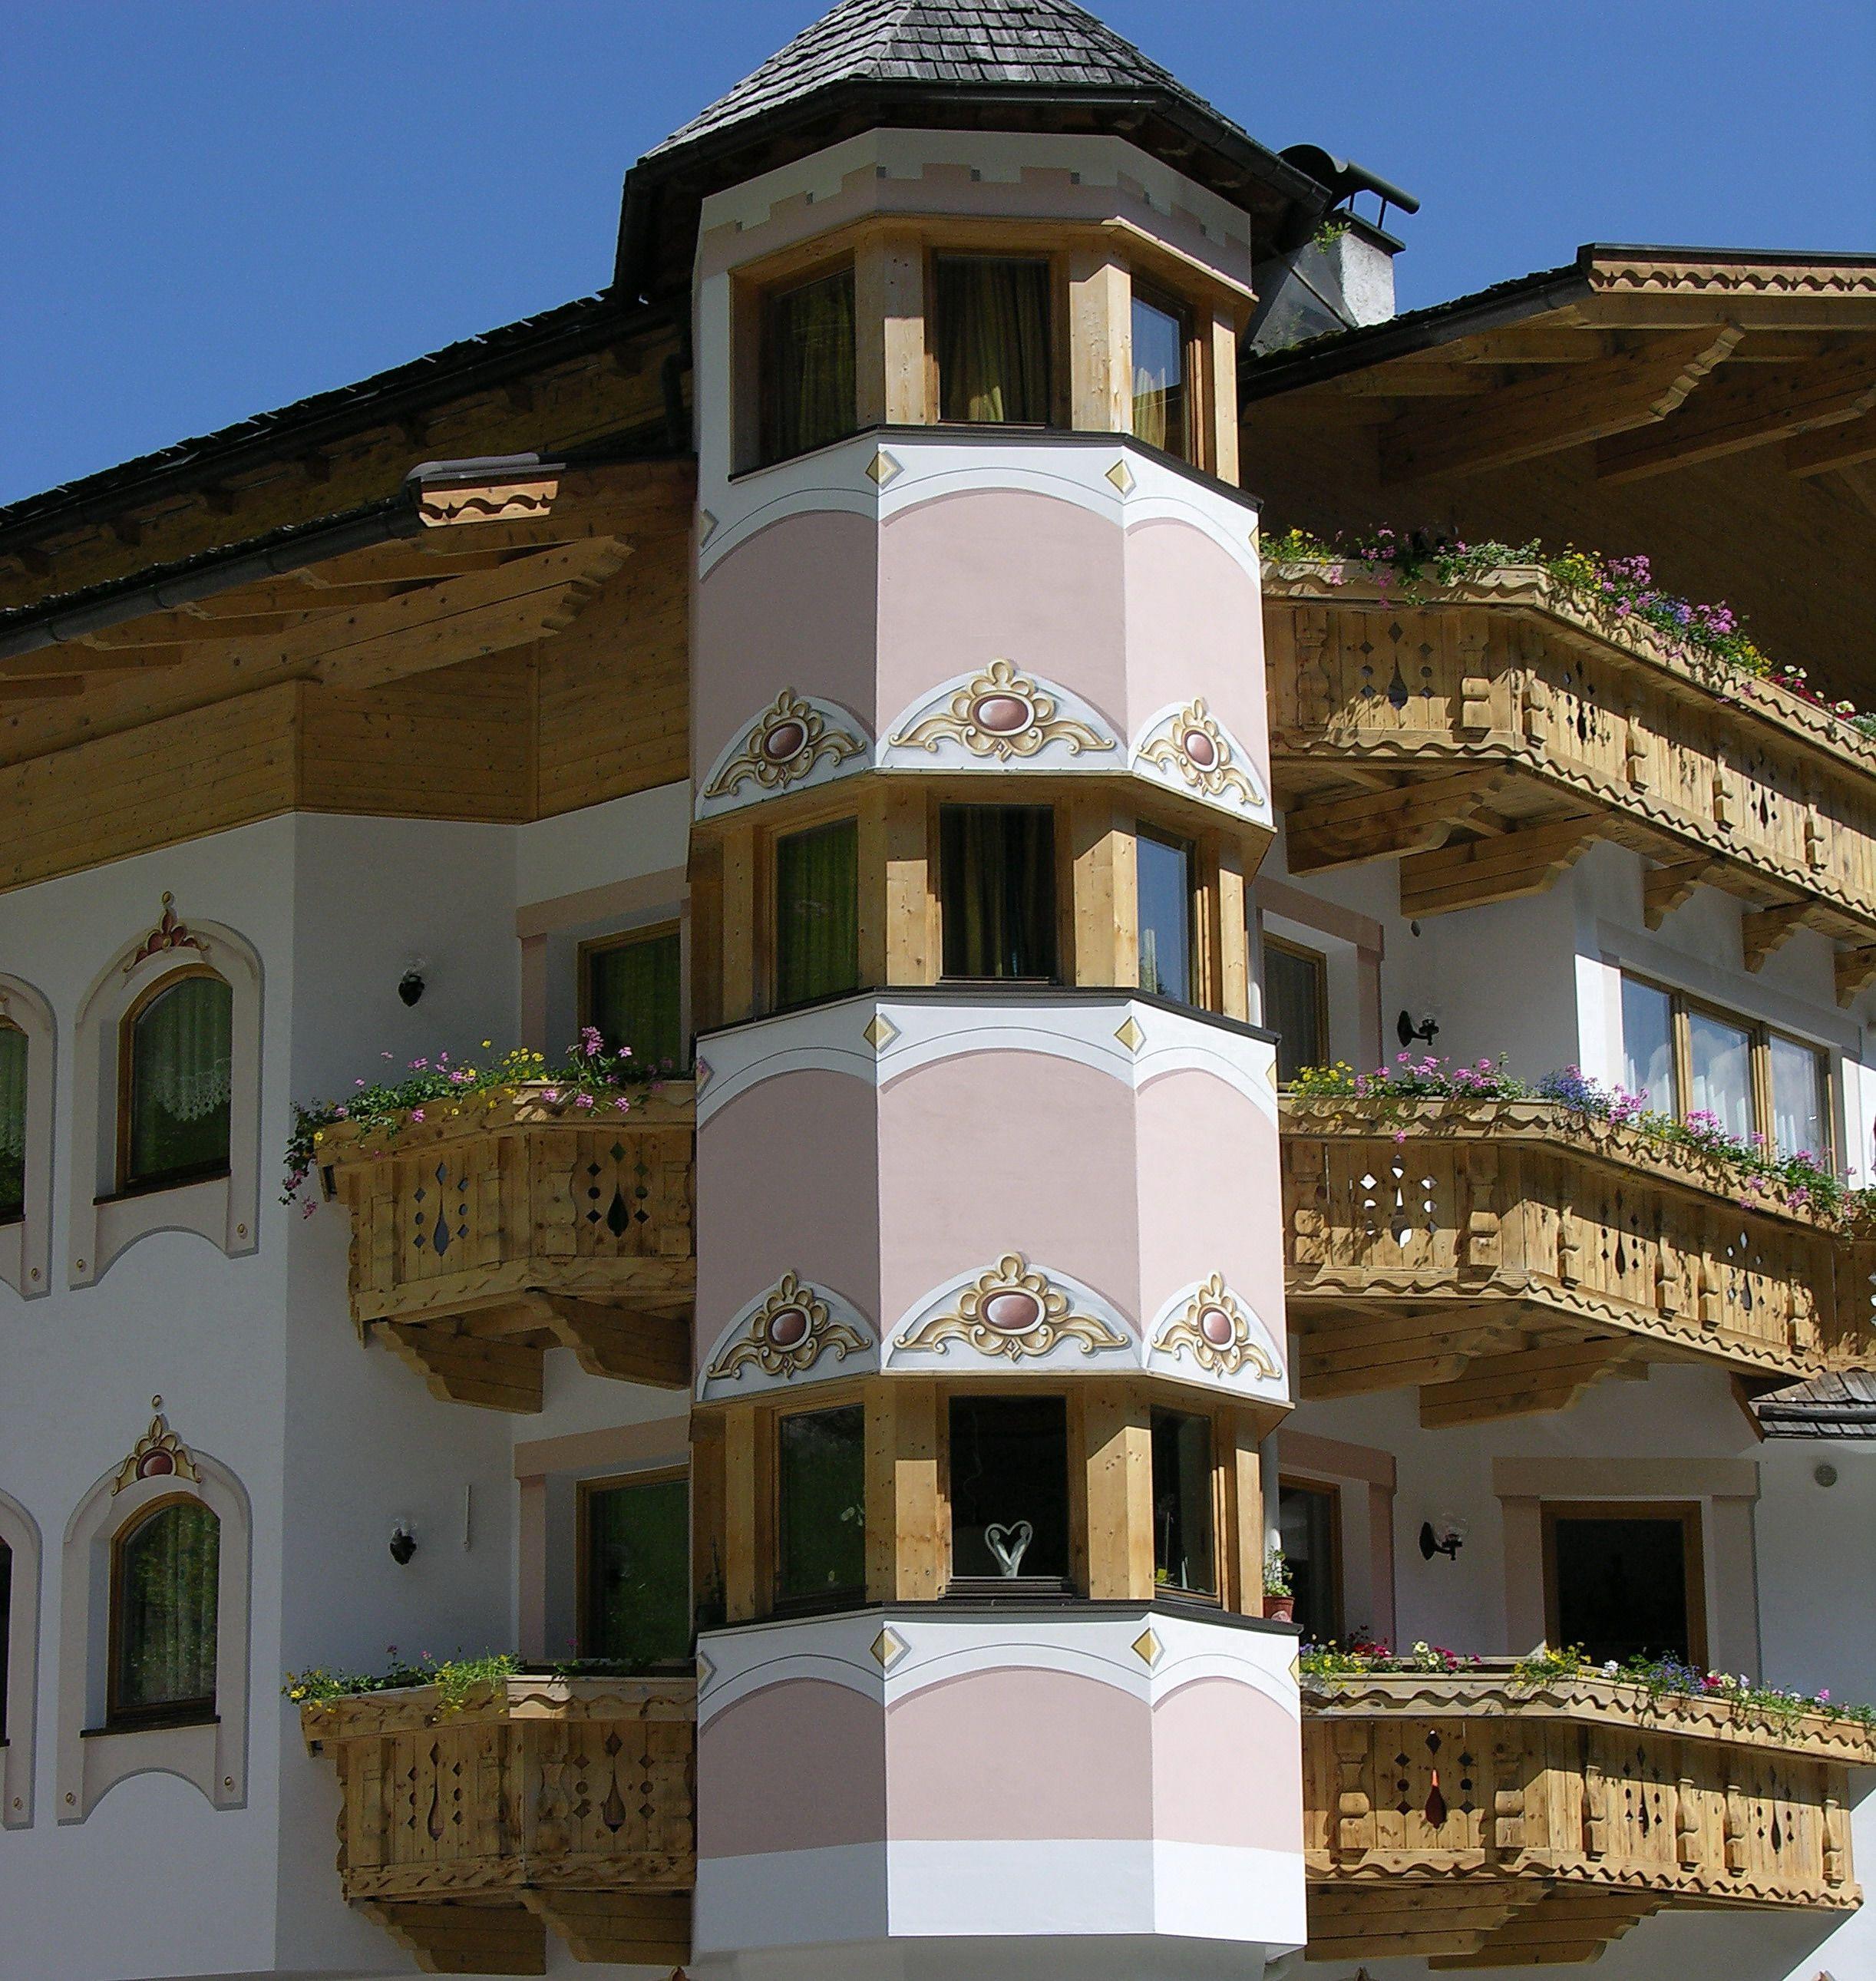 Restaurierung Luftlmalerei In Sudtirol Fassadenmalerei